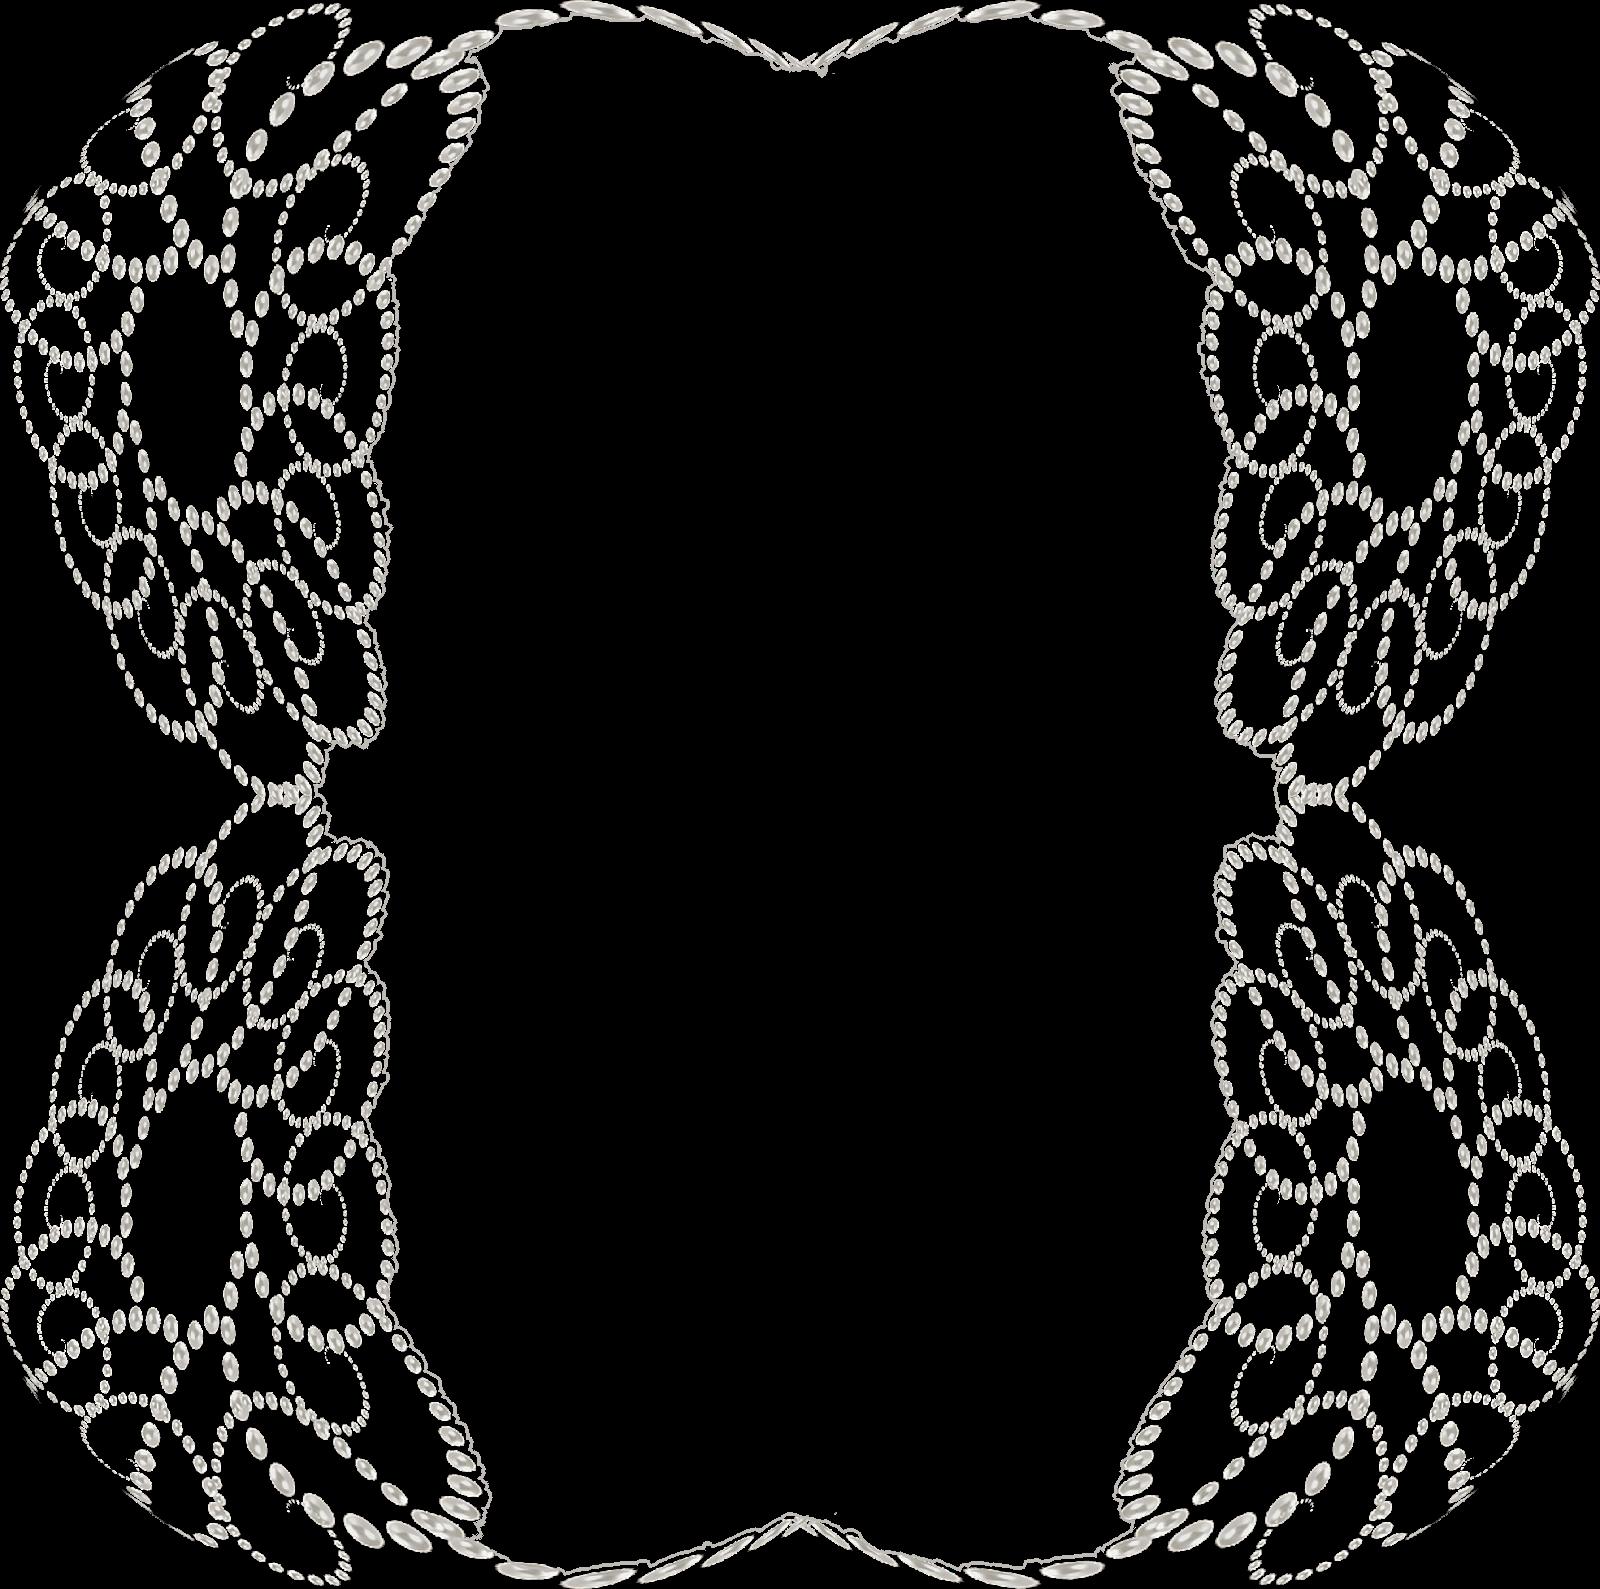 Emilieta psp: Marcos de perlas opacos y semitransparente formato PNG